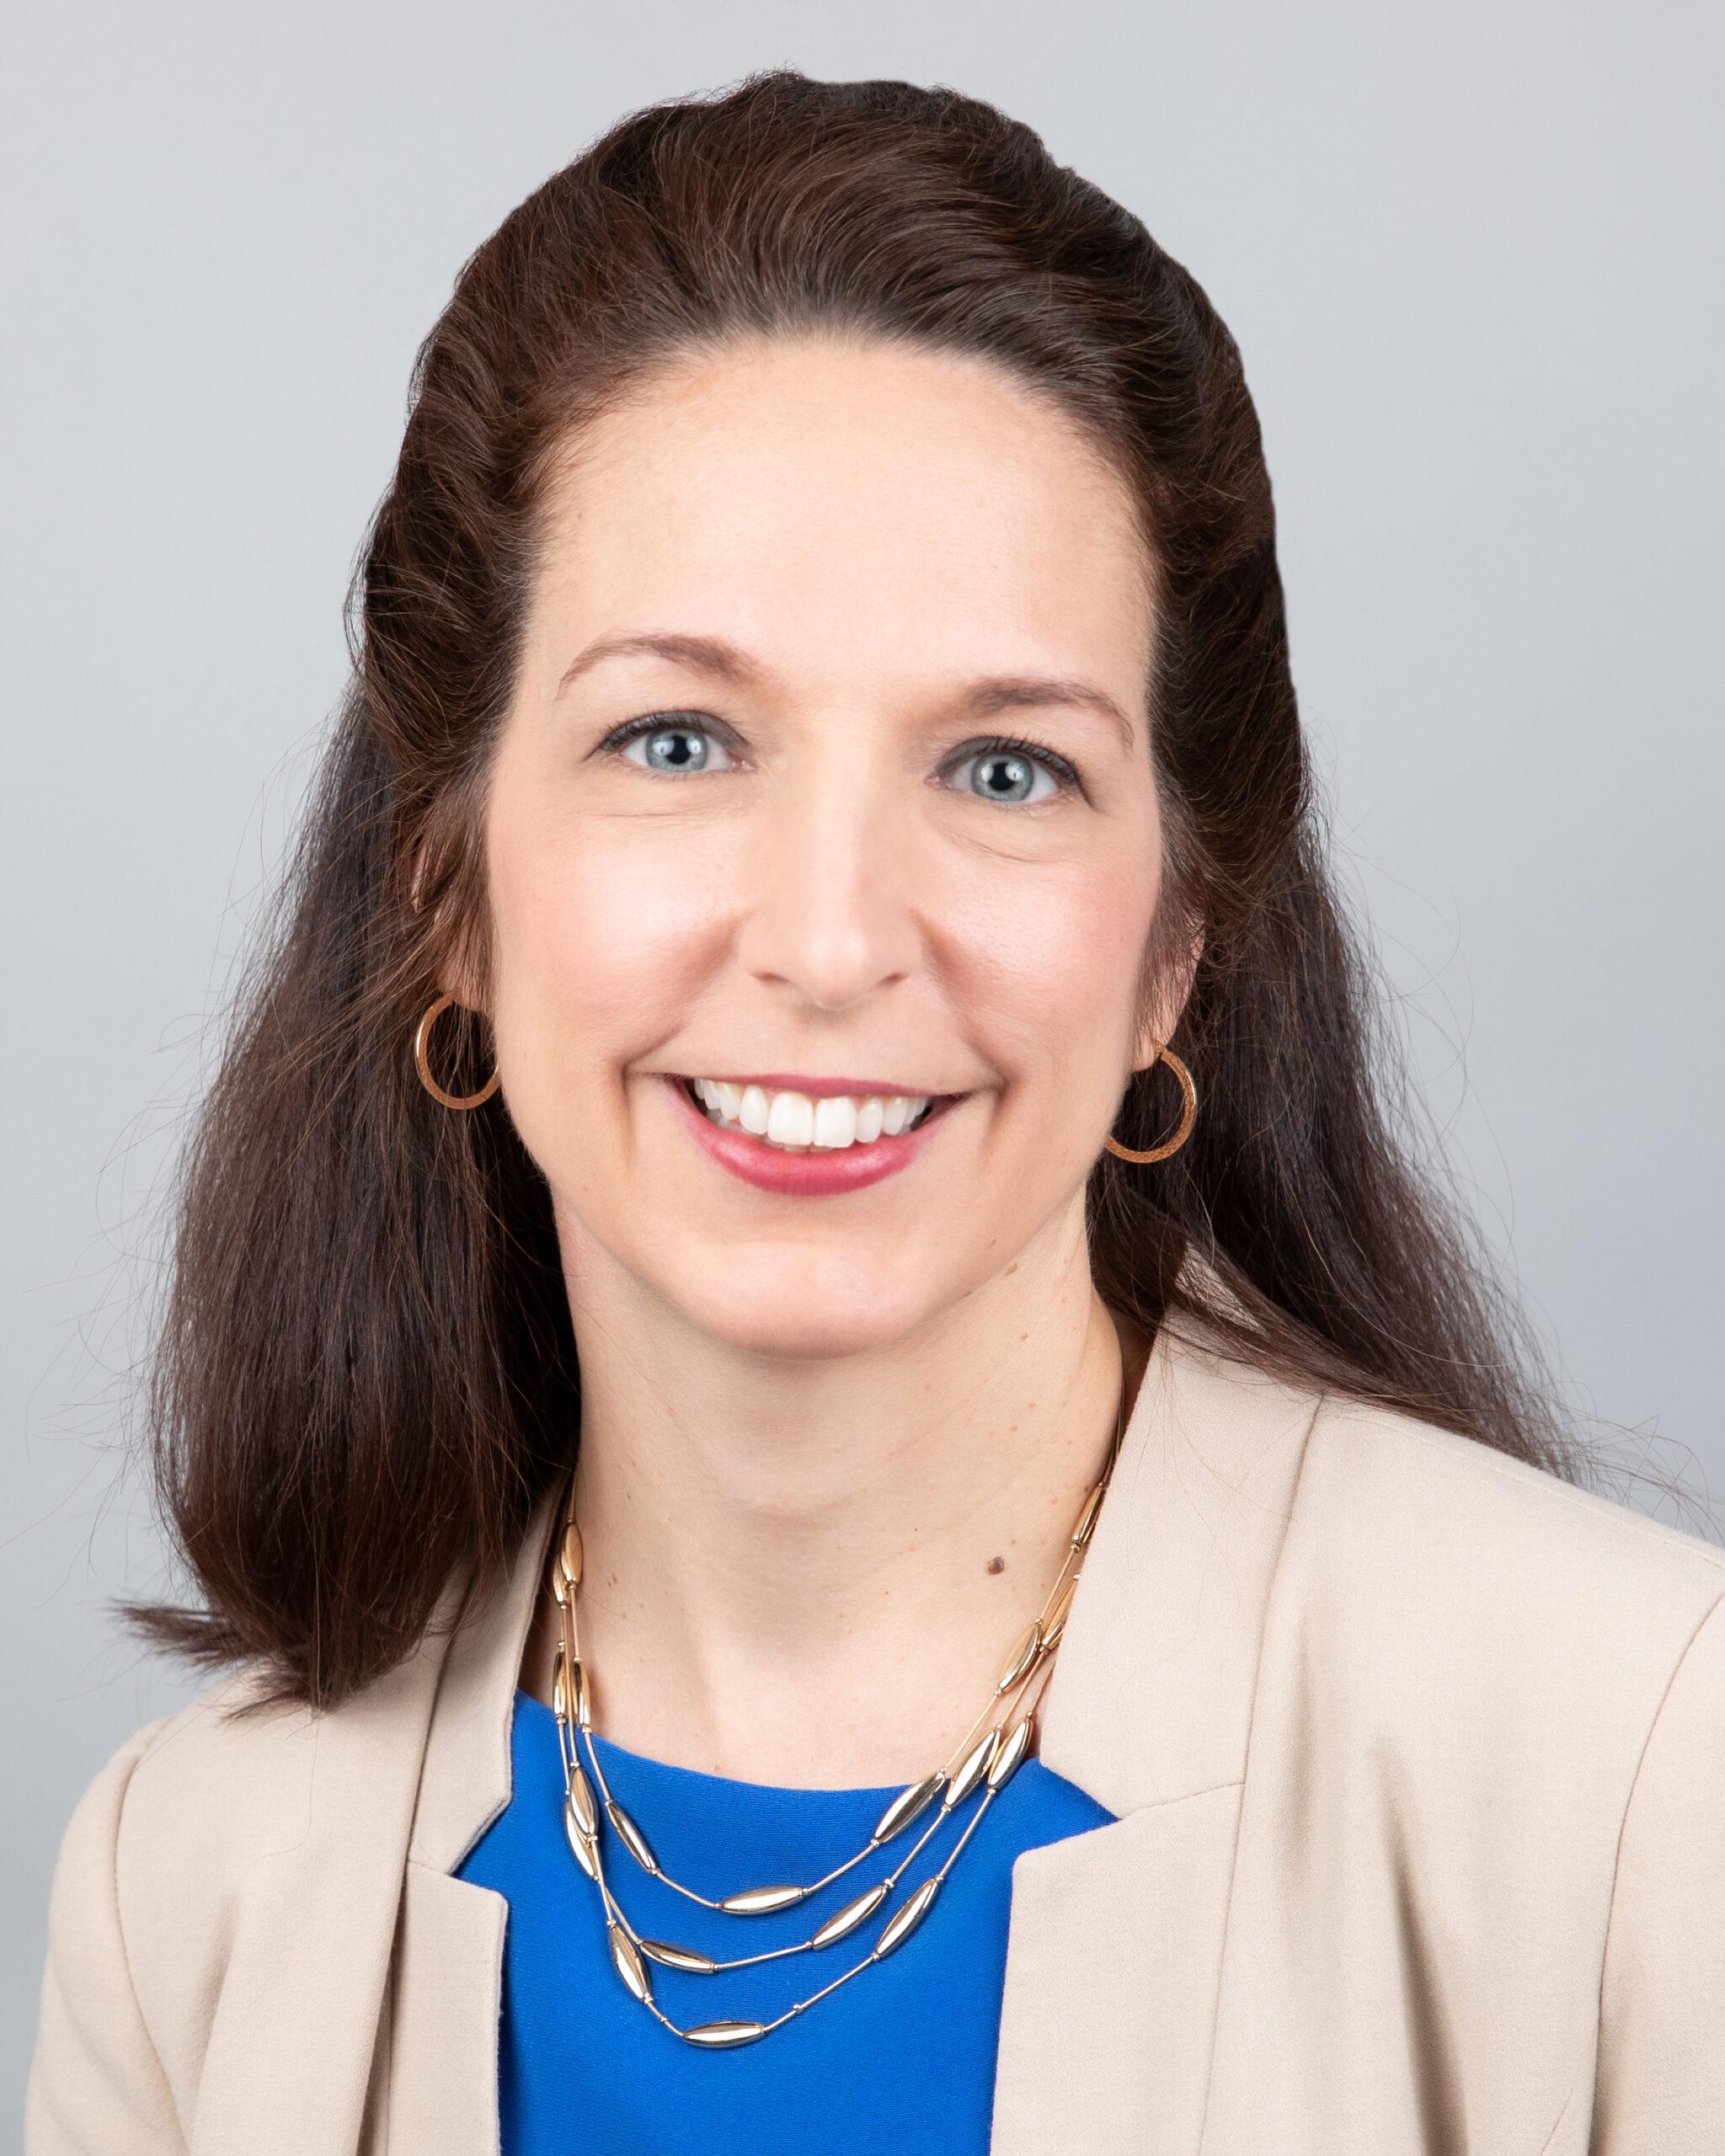 Tiffany A. Moore Simas, MD, MPH, MEd